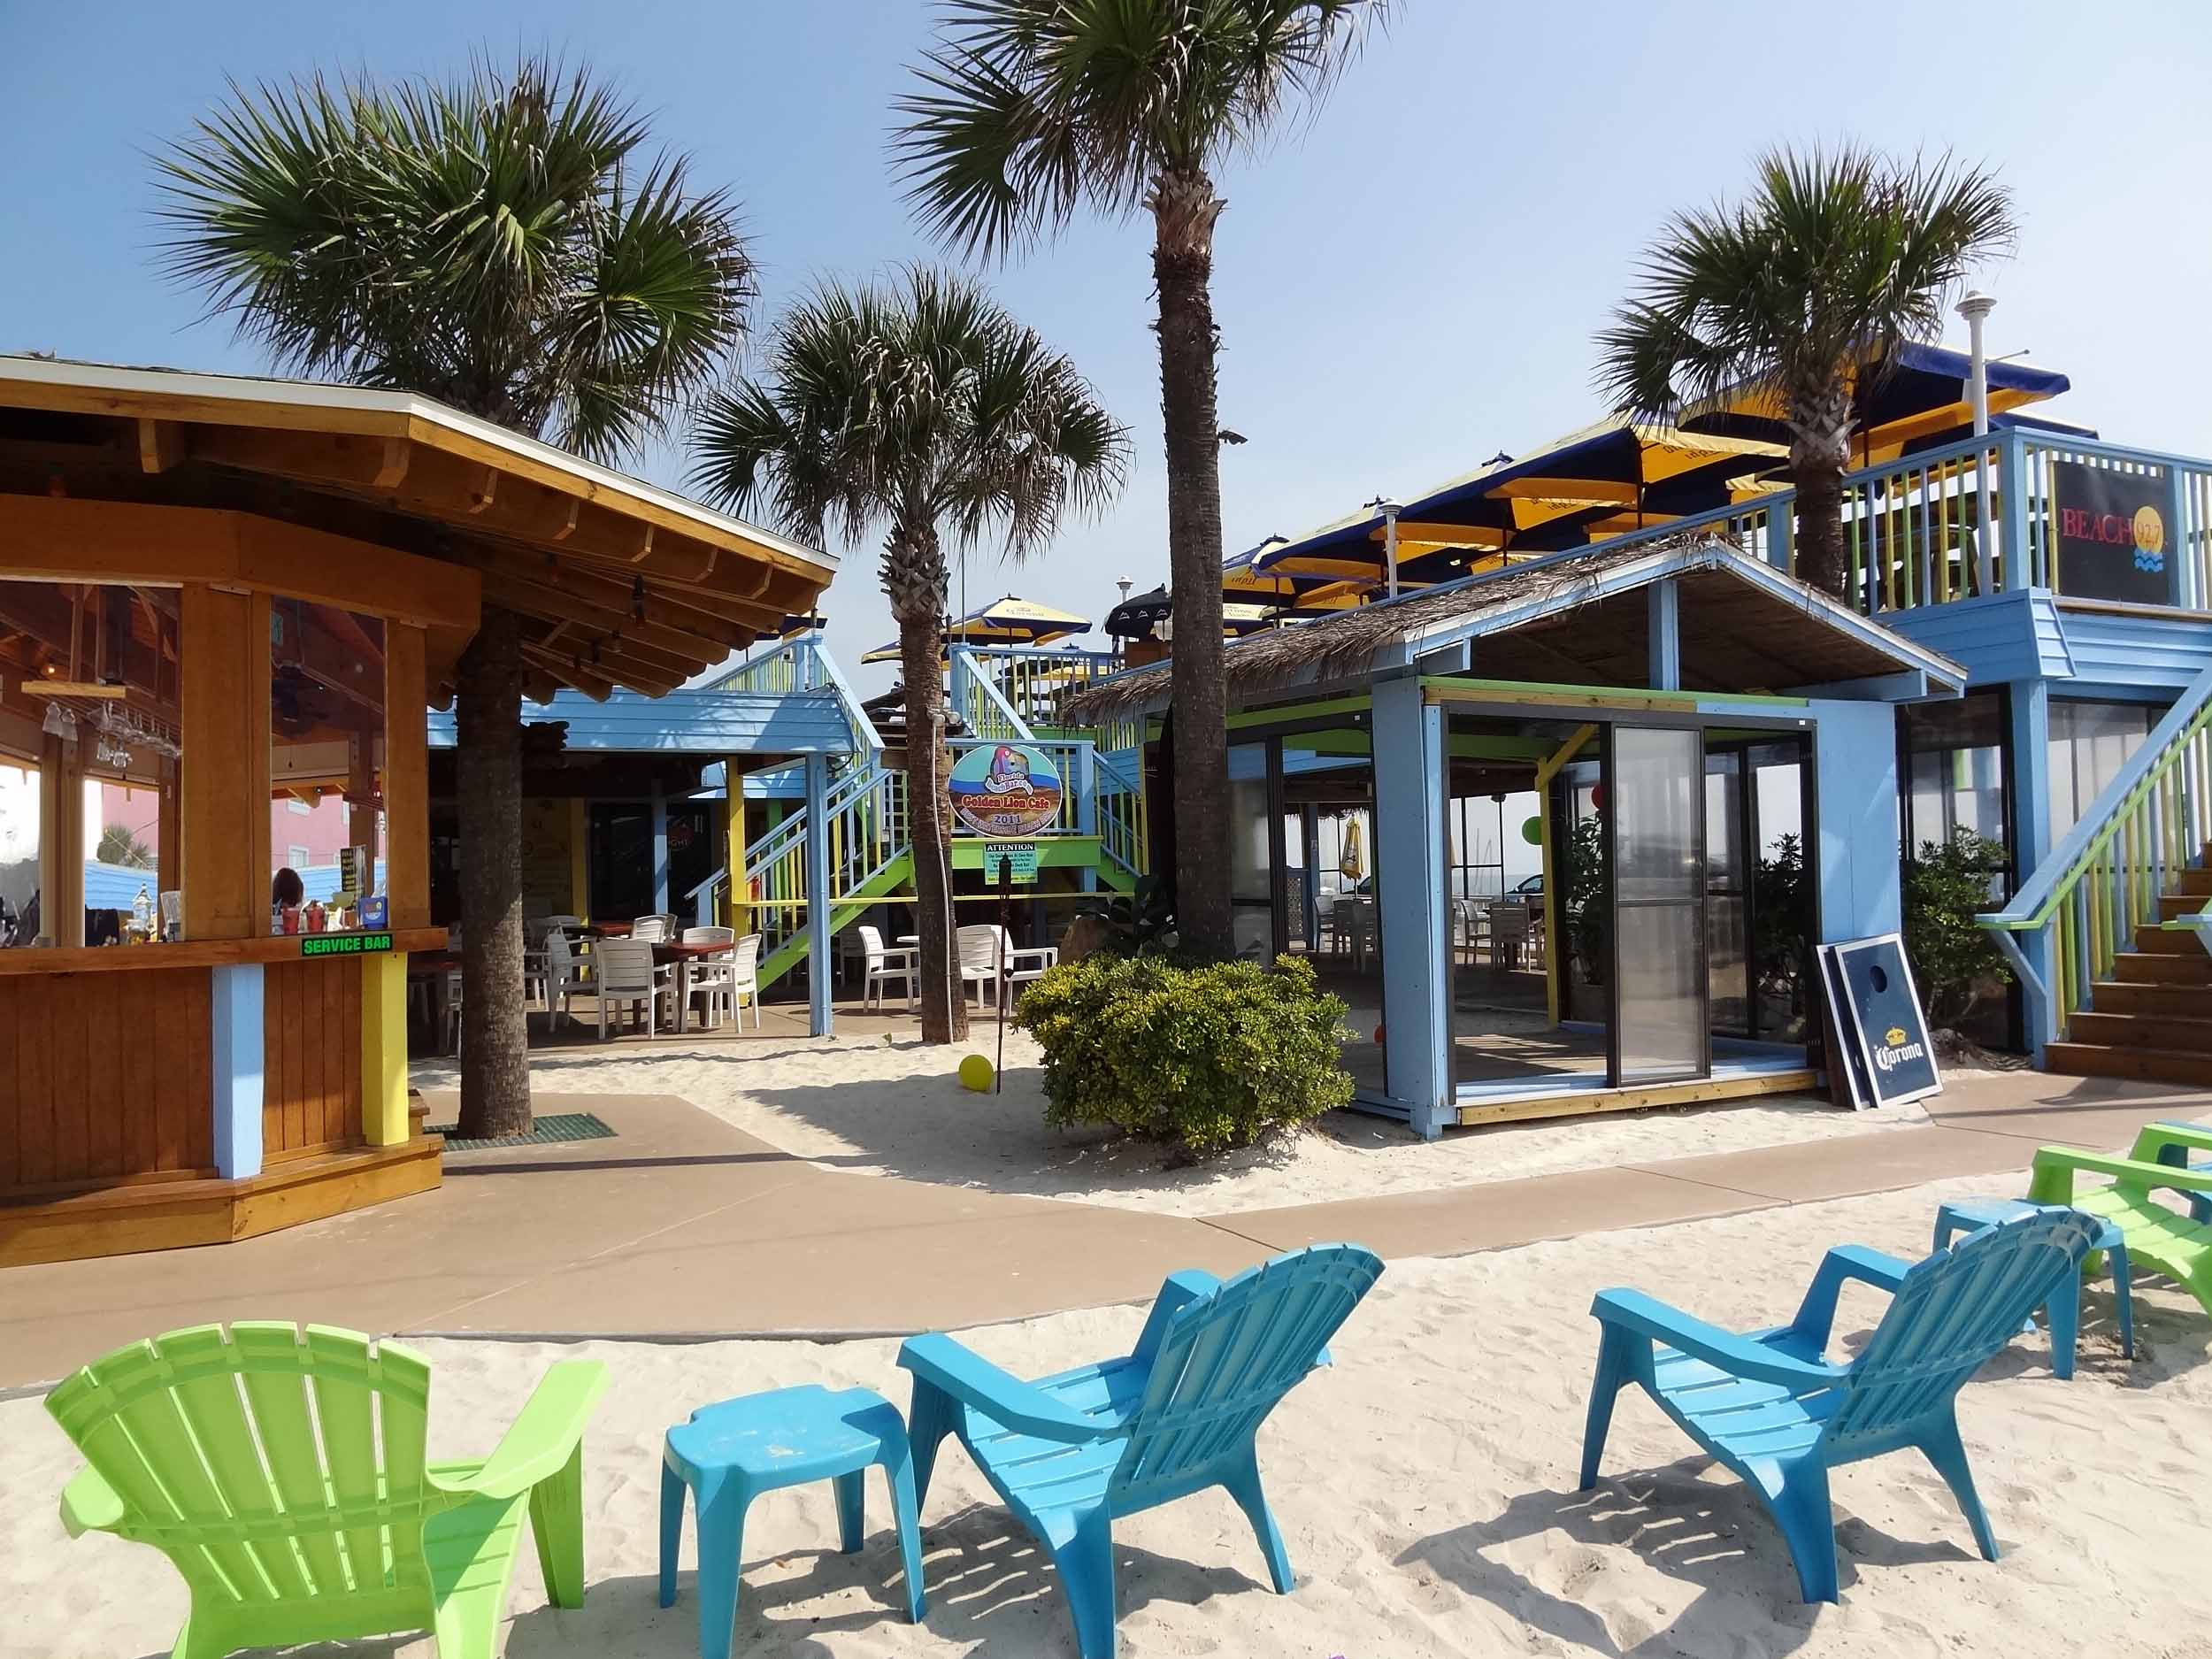 golden lion cafe beach bar